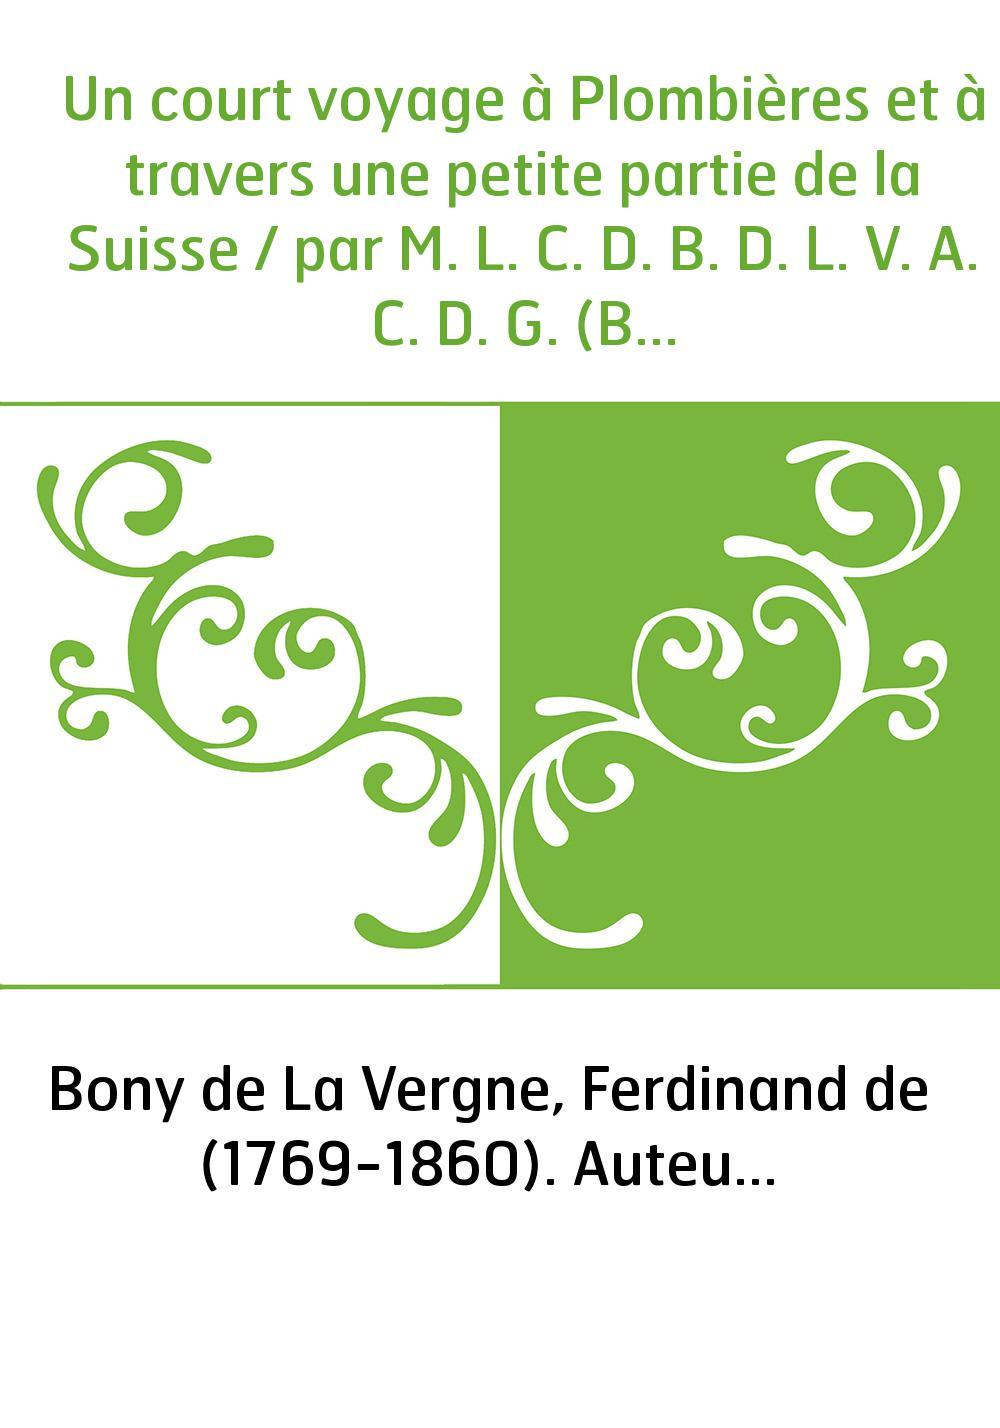 Un court voyage à Plombières et à travers une petite partie de la Suisse / par M. L. C. D. B. D. L. V. A. C. D. G. (Bony de La V